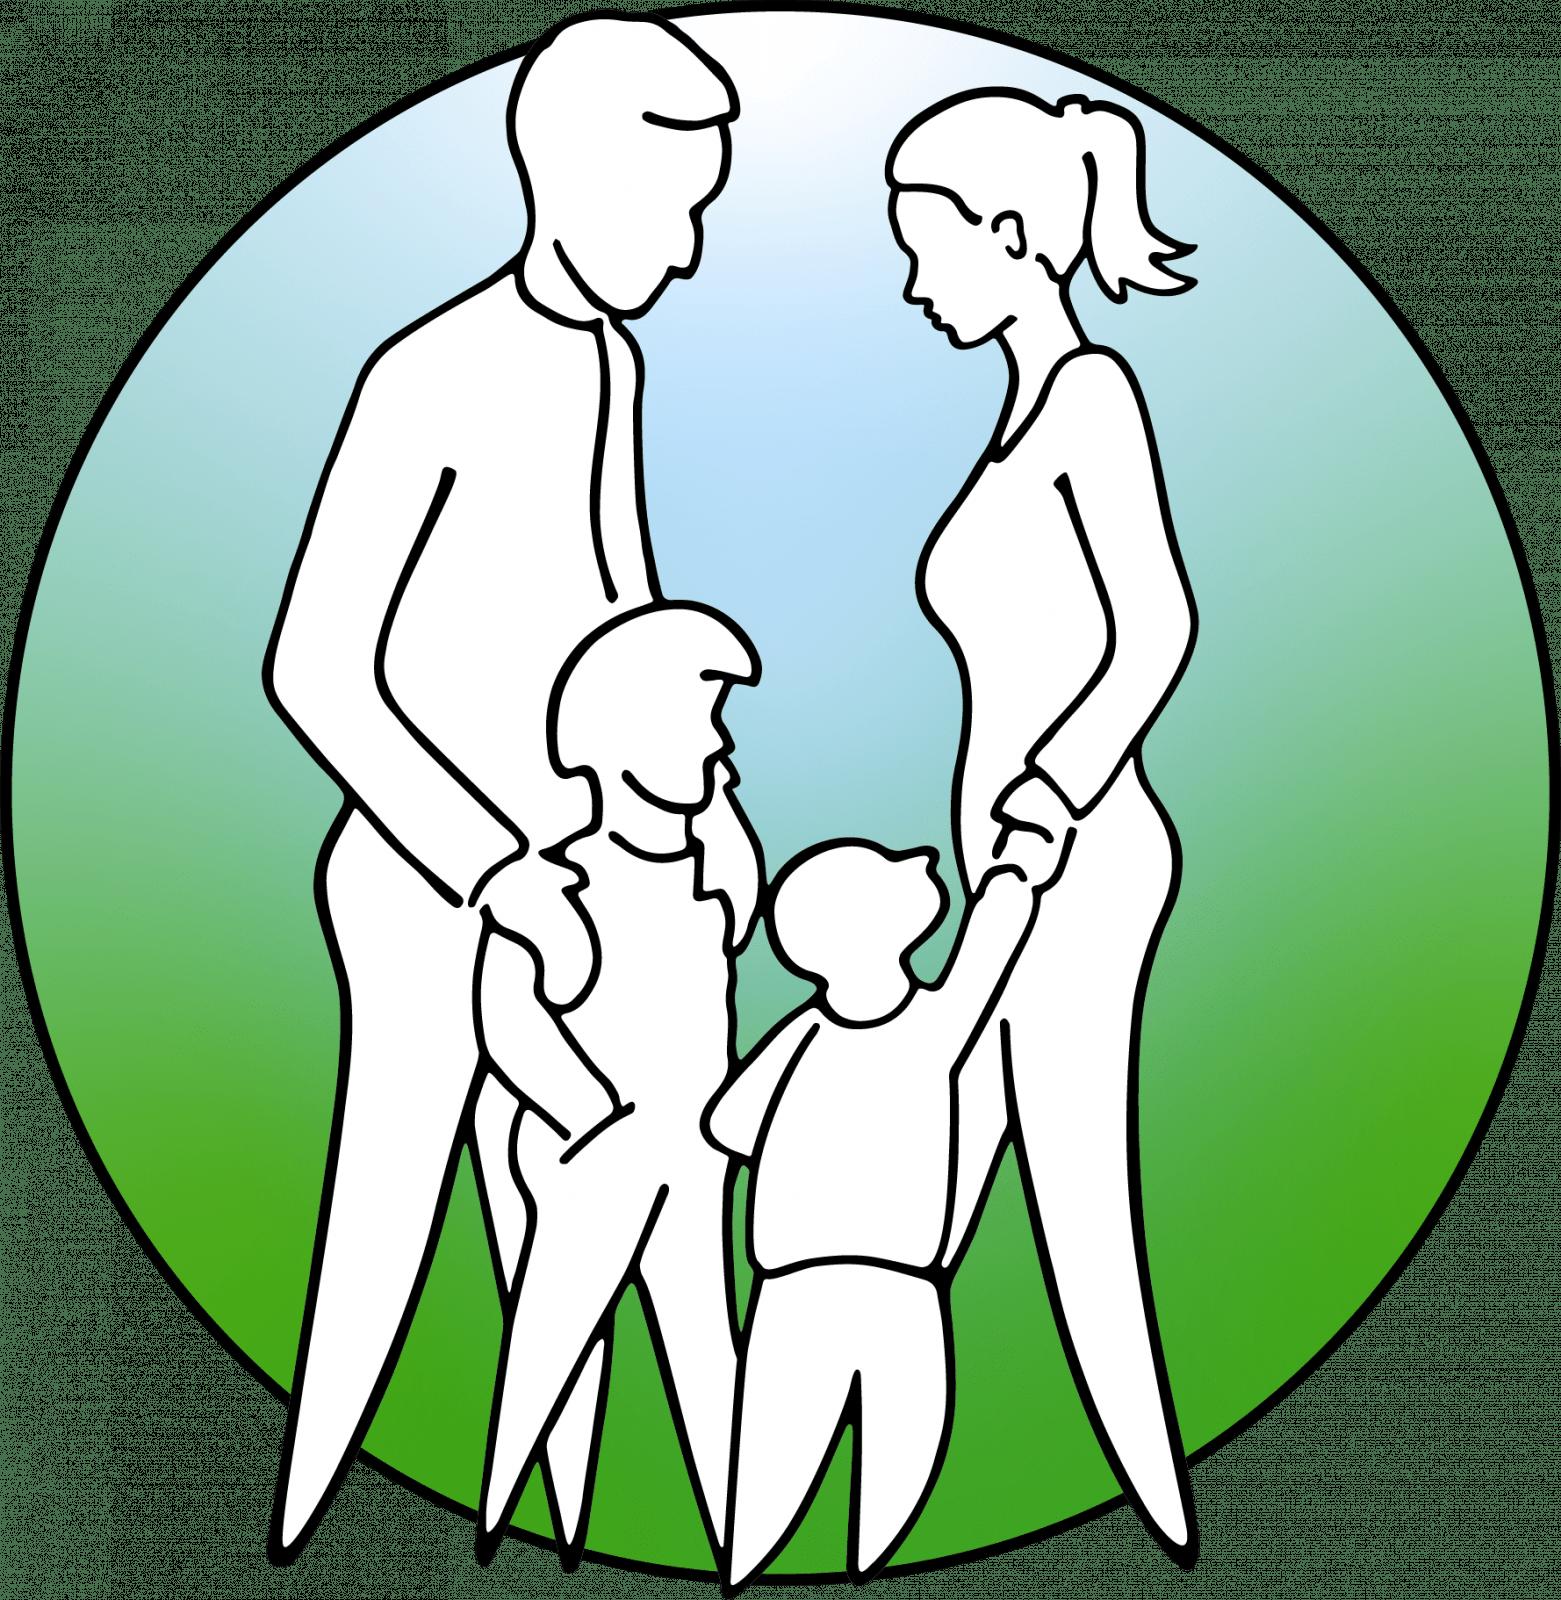 Logo - Kinderärzte | Gemeinschaftspraxis der Kinder- und Jugendärzte | Dr. Schmid München Süd